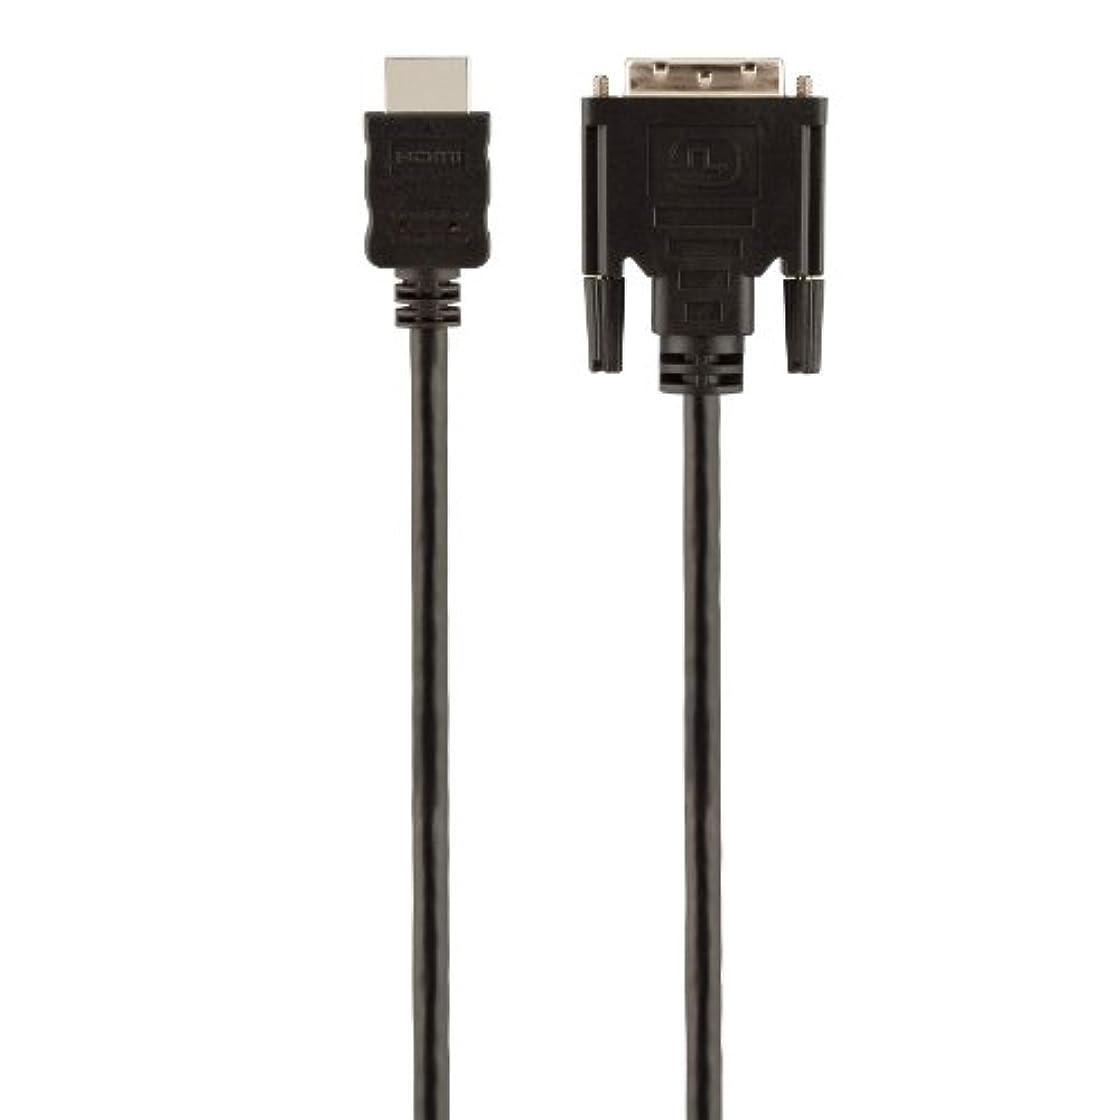 持っているカメ短くするBelkin F2E8242b06 Câble DisplayPort vers DVI Mâle/Mâle 1,8 m Noir